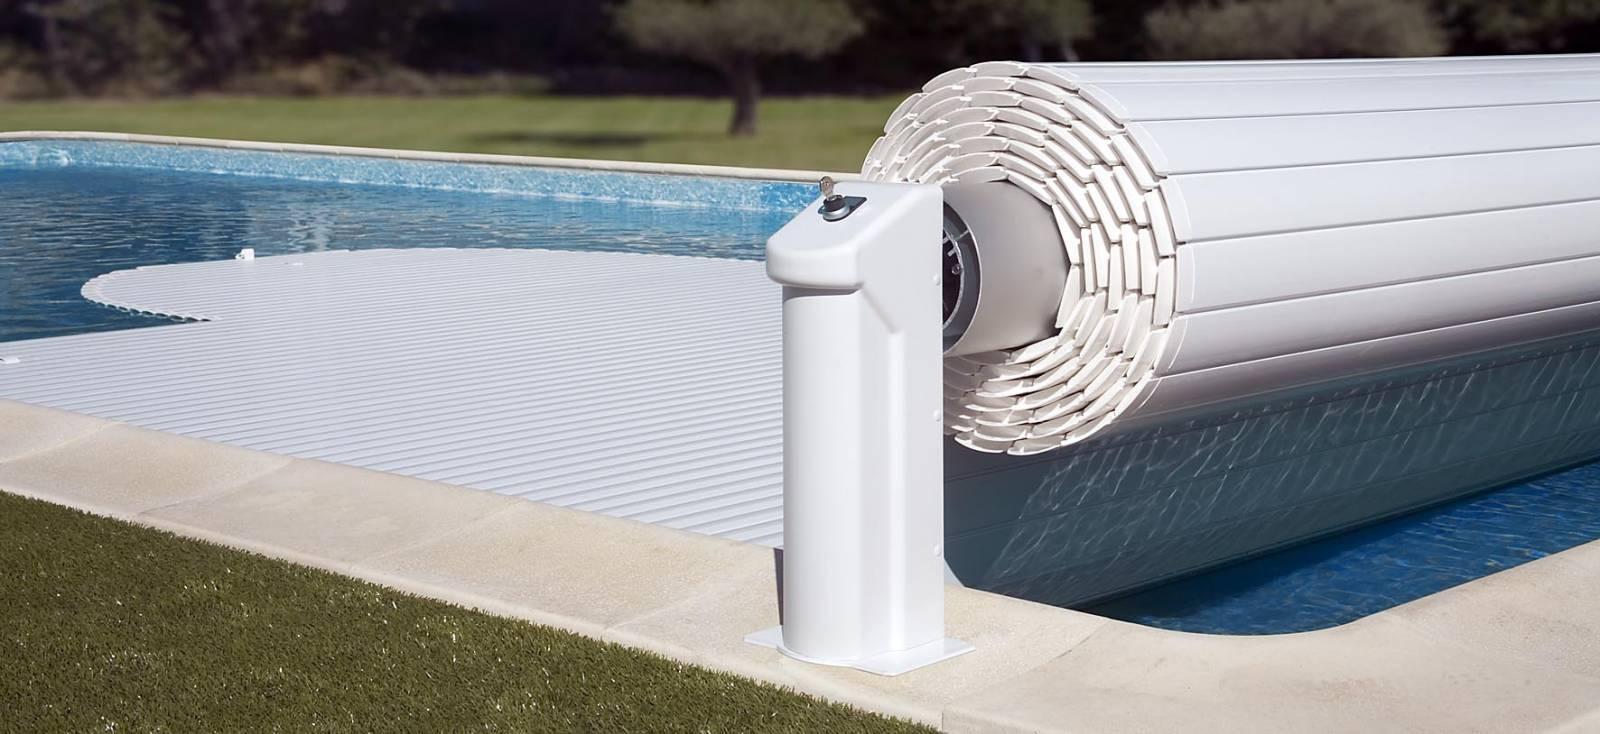 Volet hors sol sp cialiste de la piscine coque for Accessoire piscine 16